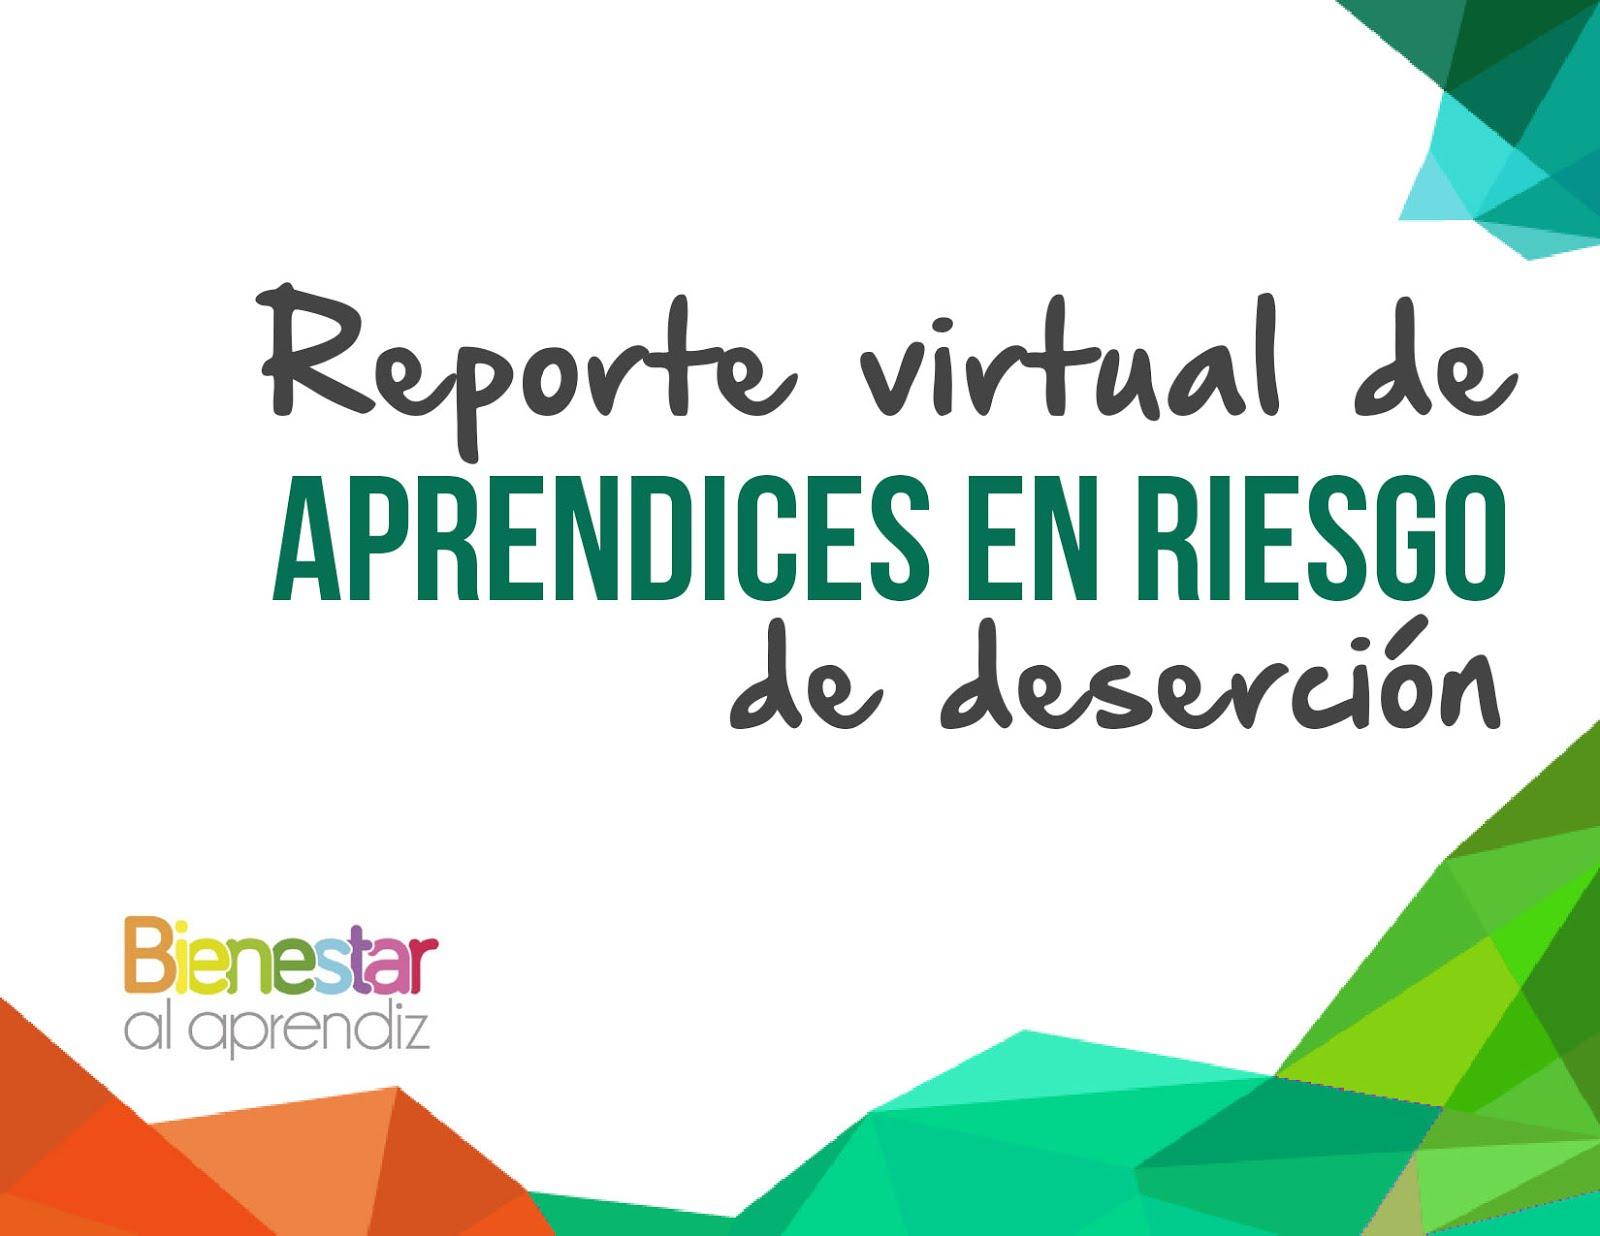 Reporte Virtual de Aprendices en Riesgo de deserción